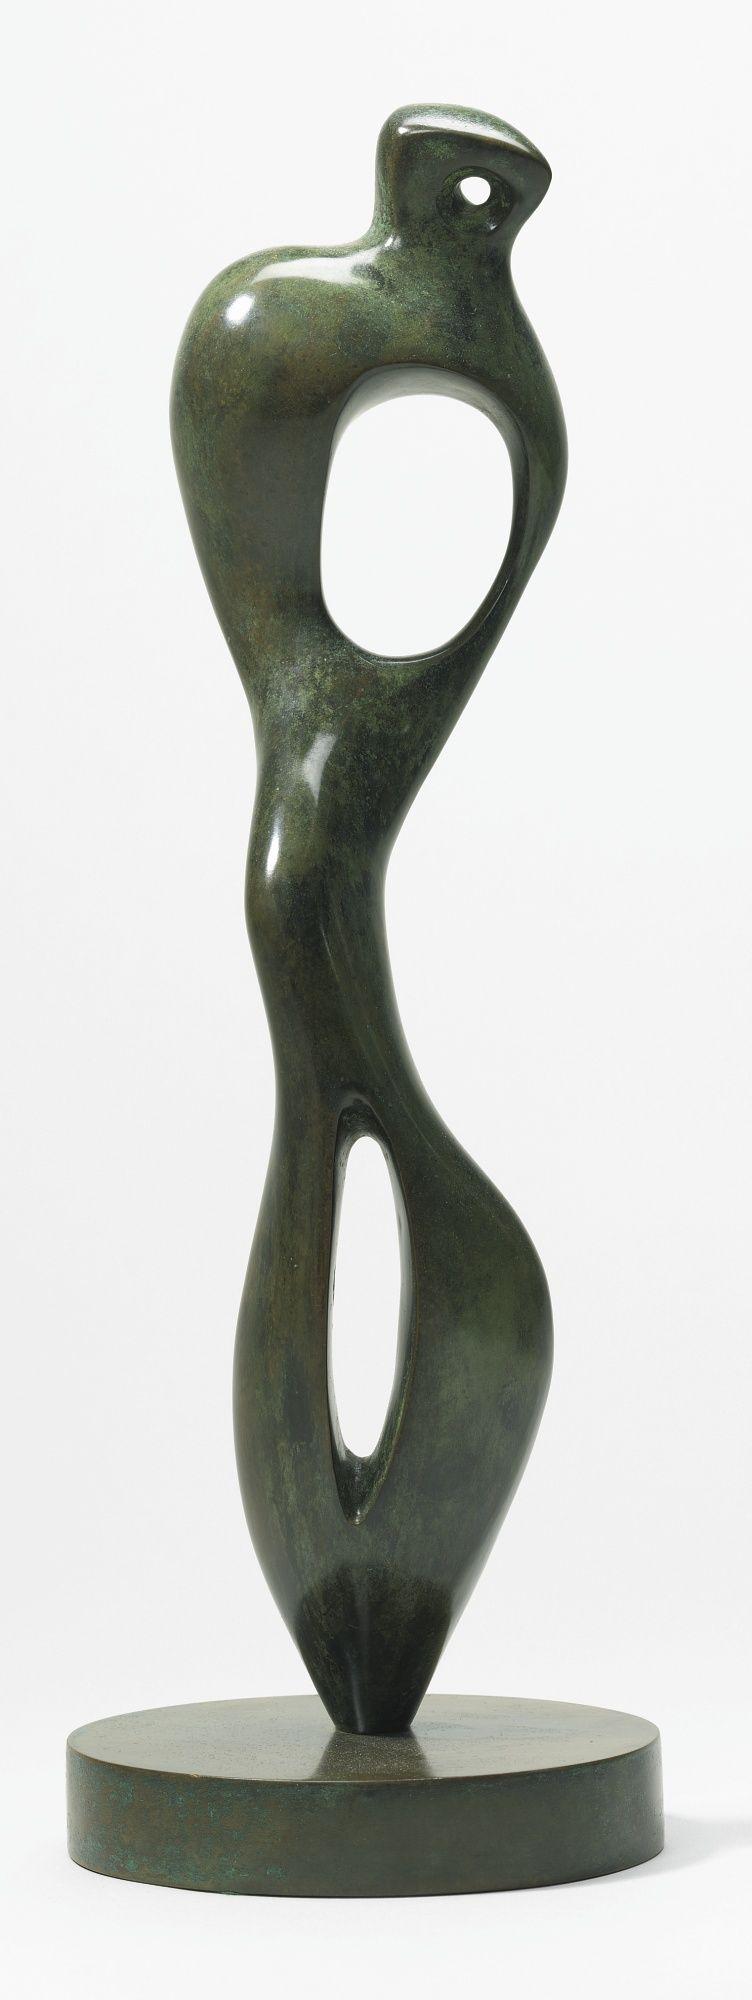 Het is gemaakt door Henry Moore, de titel is Interior Form. Het beeld is organisch en volledig gepolijst.